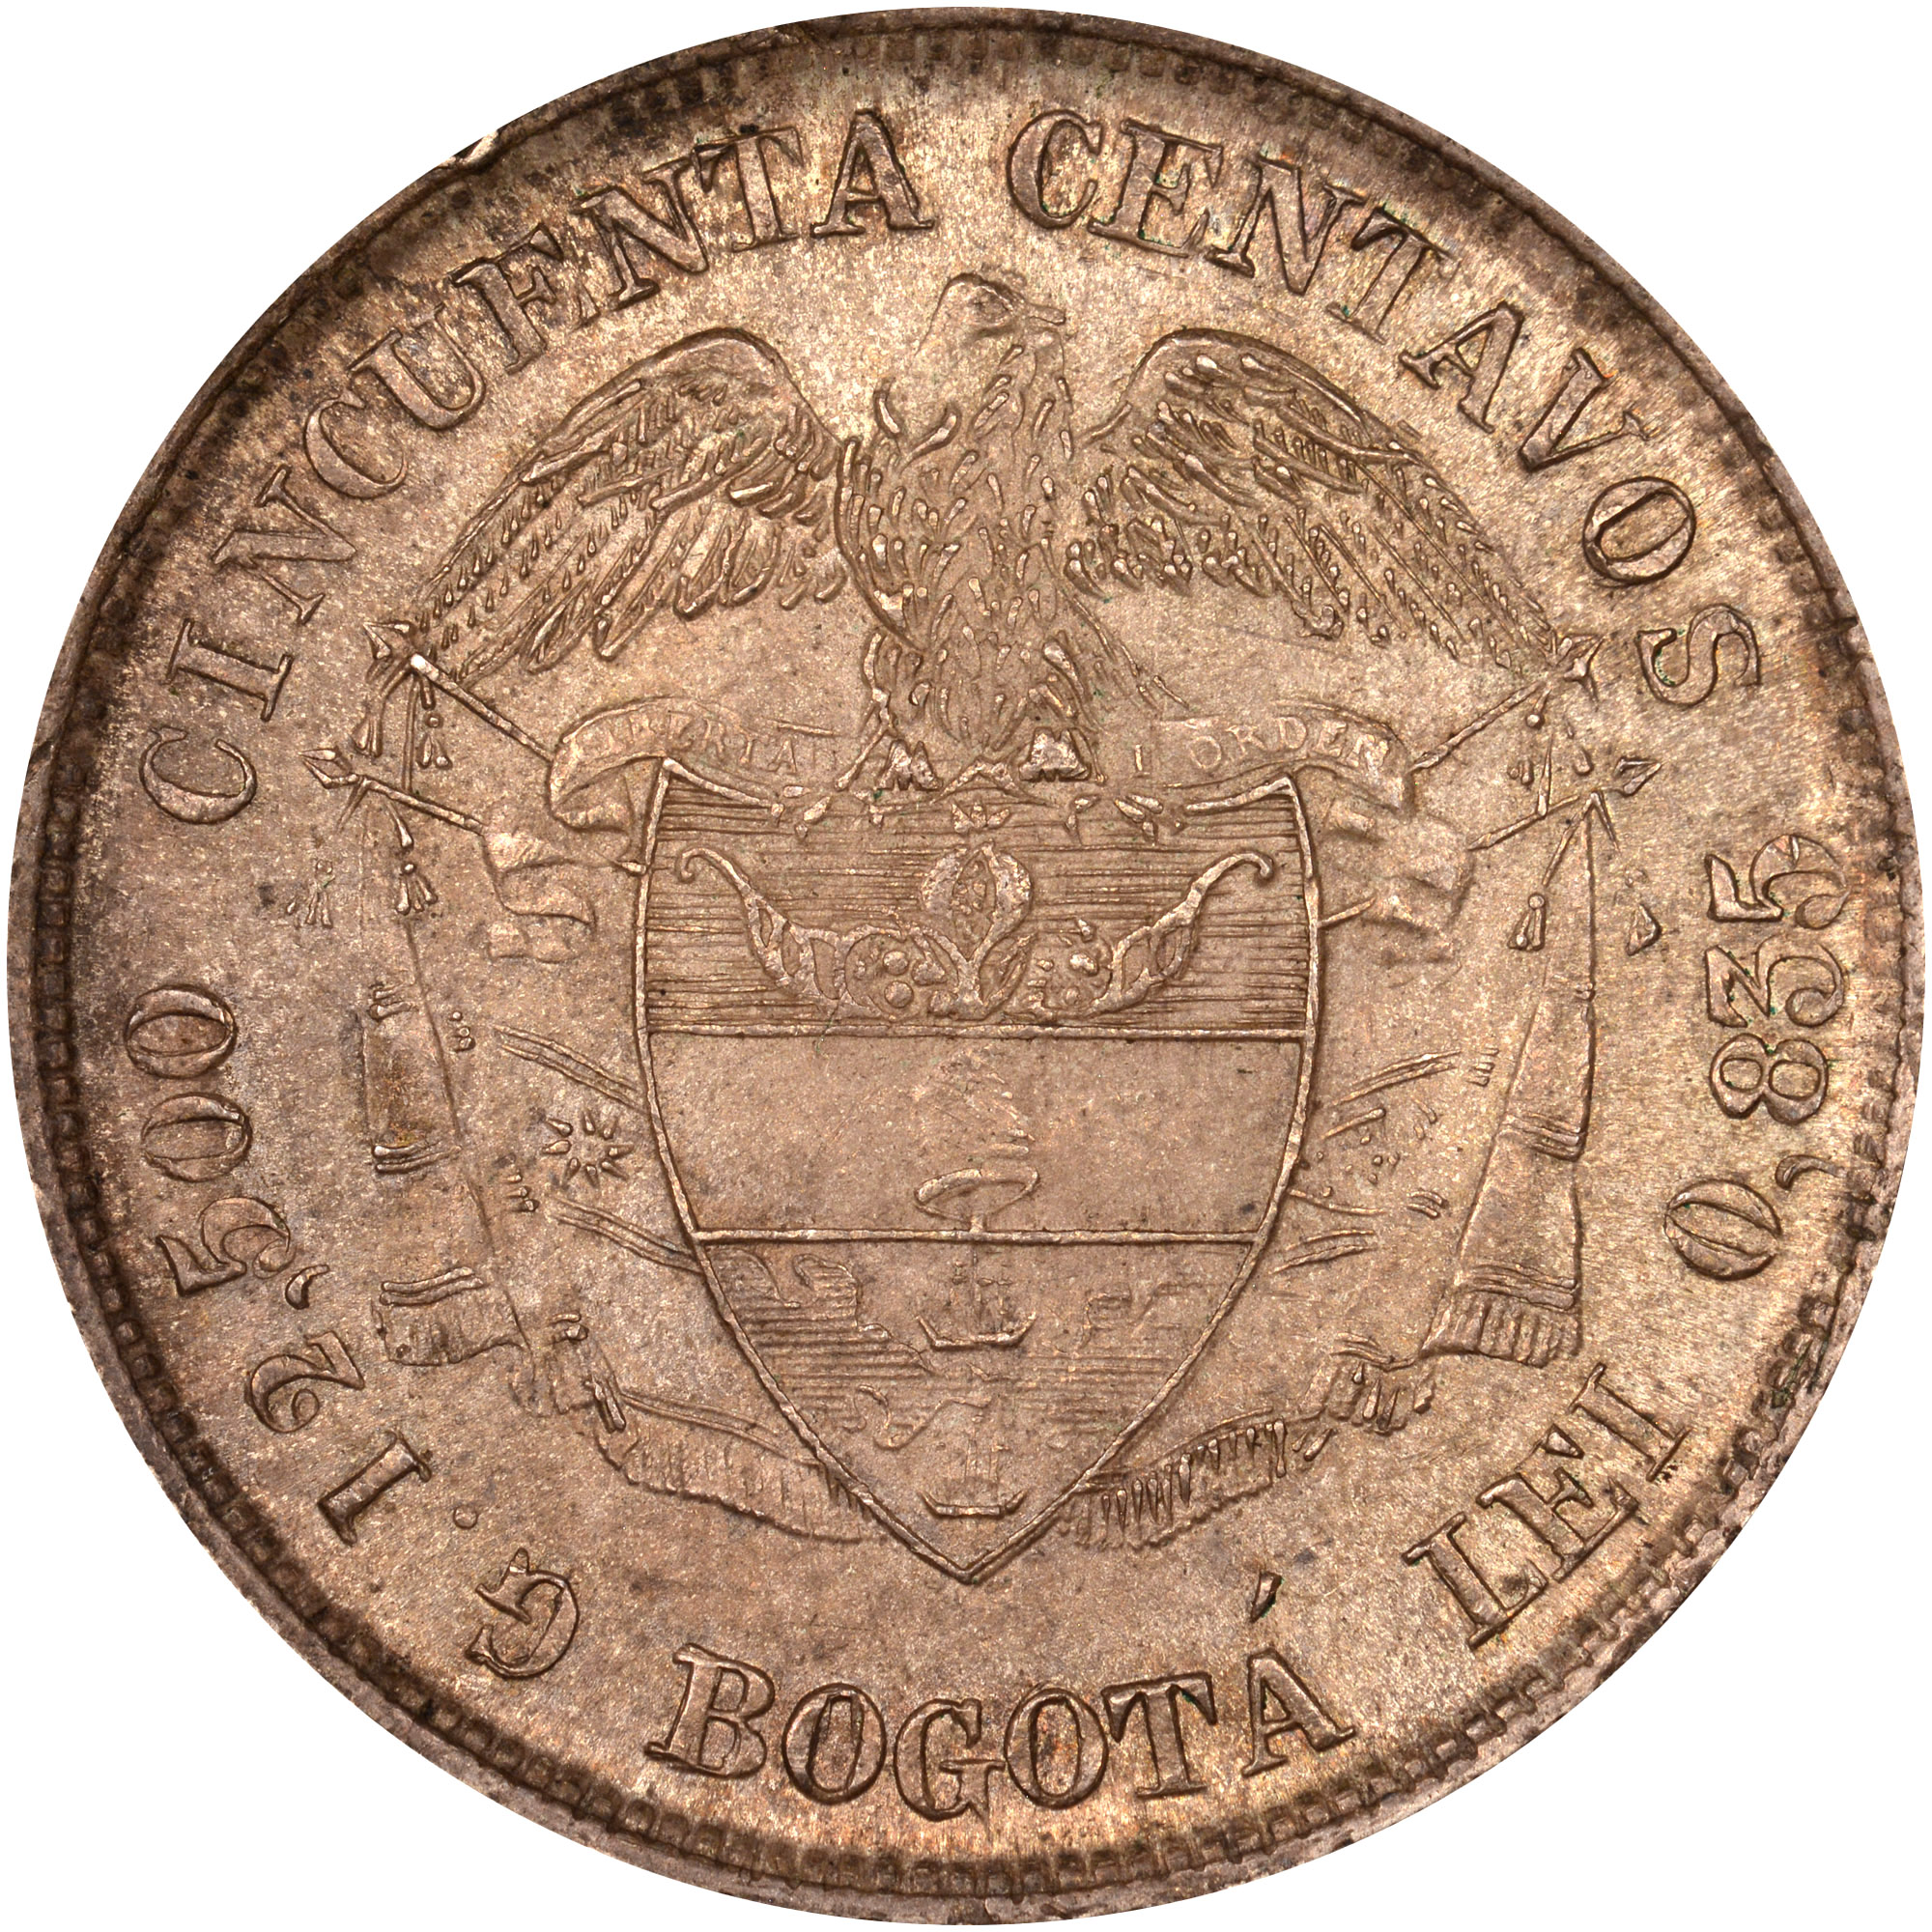 1889-1899 Colombia 50 Centavos reverse